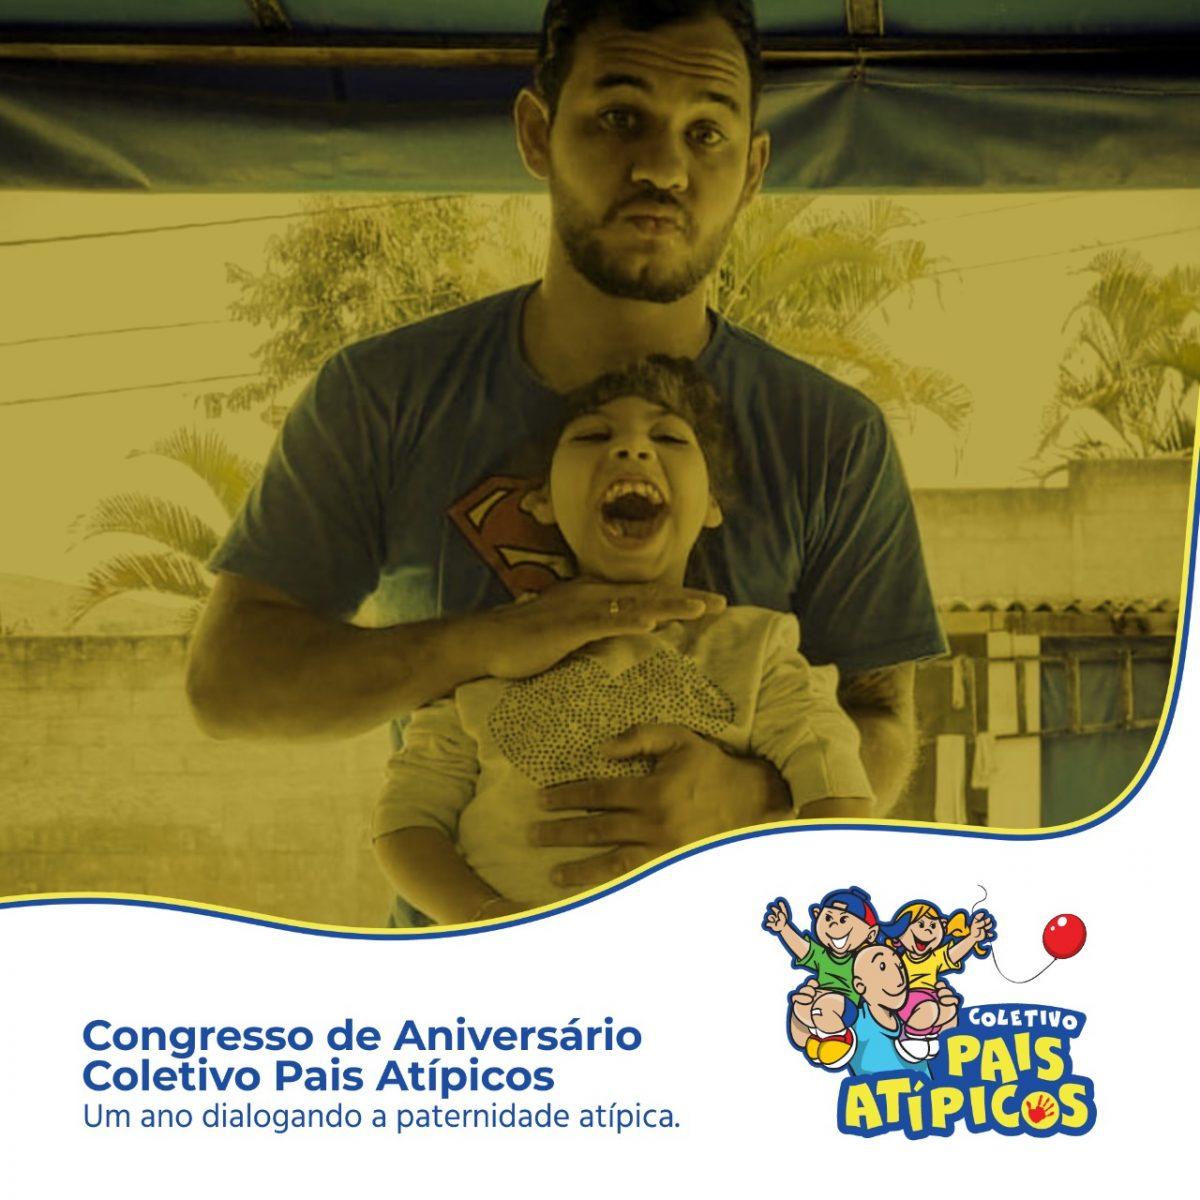 WhatsApp Image 2021 07 29 at 13.32.02 scaled - PATERNIDADE + INCLUSÃO X DIÁLOGOS = COLETIVO PAIS ATÍPICOS